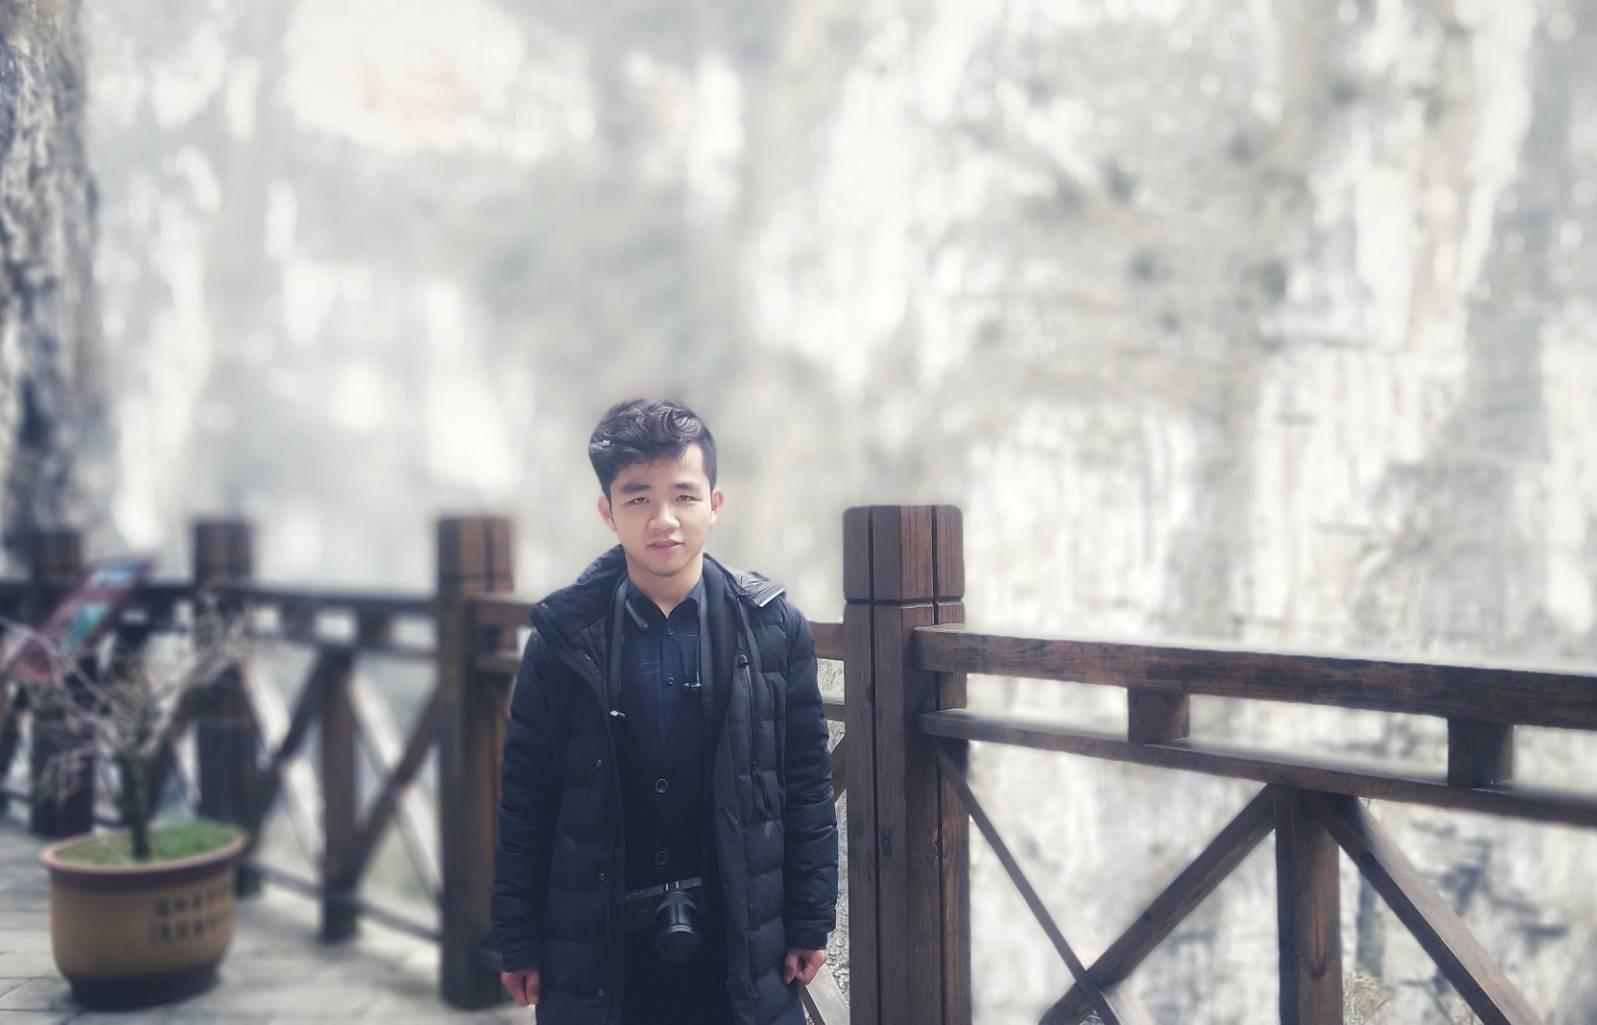 反共陸生李家寶:中共壓迫社會 已民怨四起